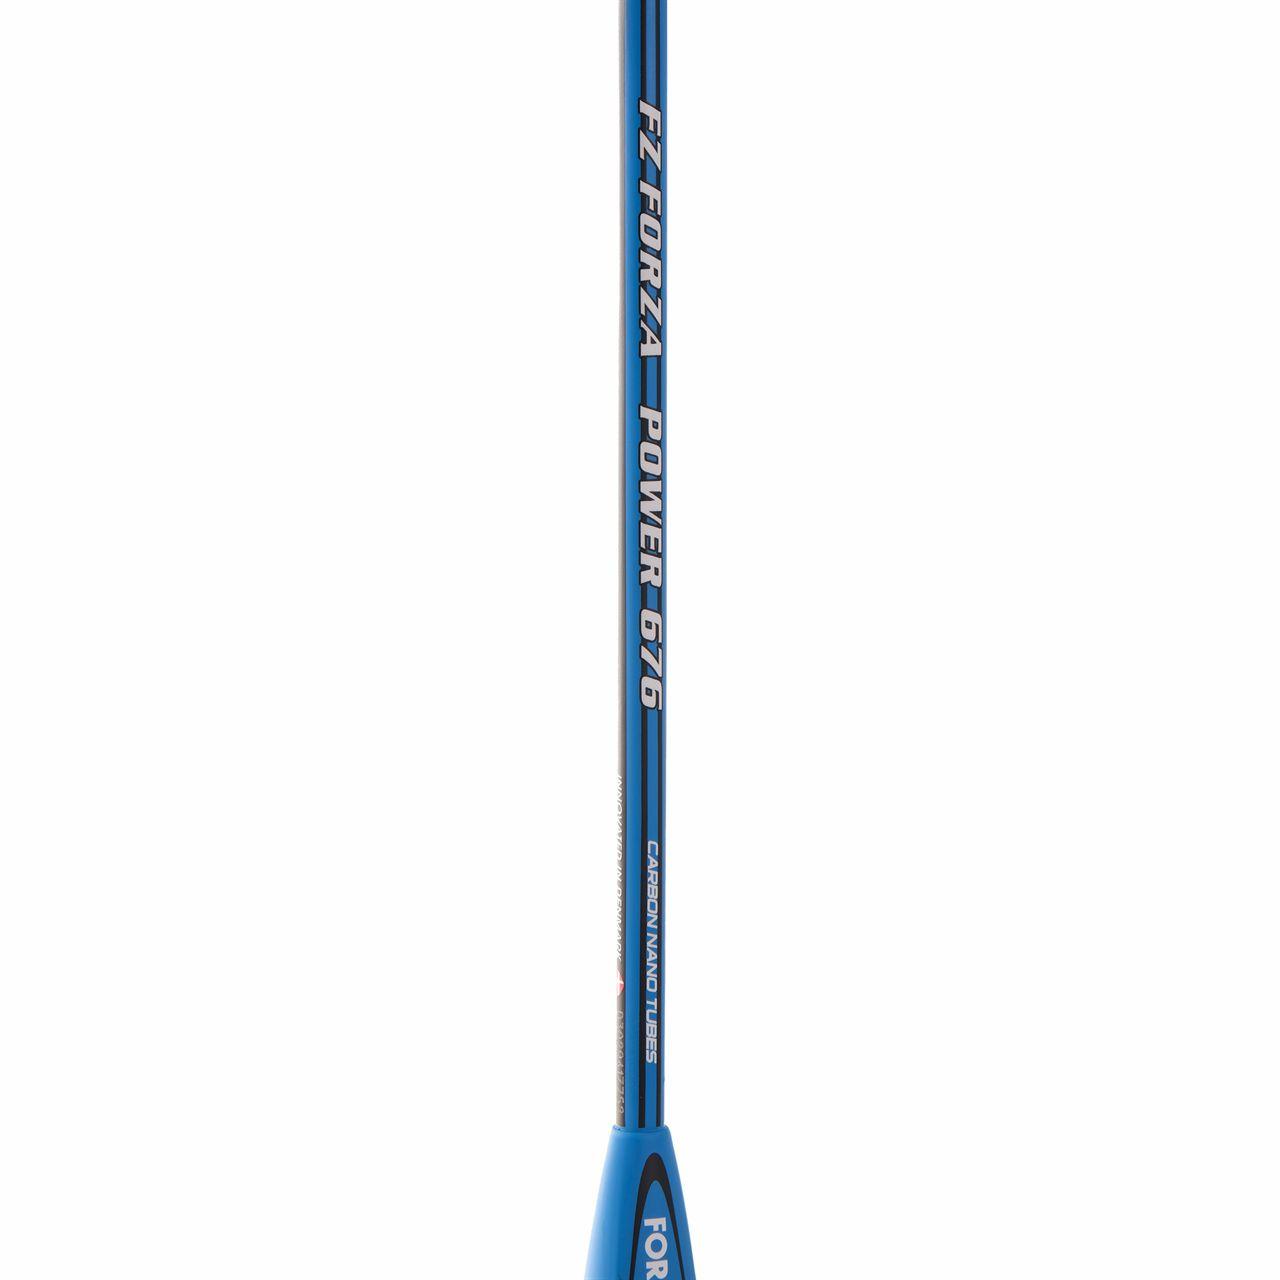 FZ Forza Power 676